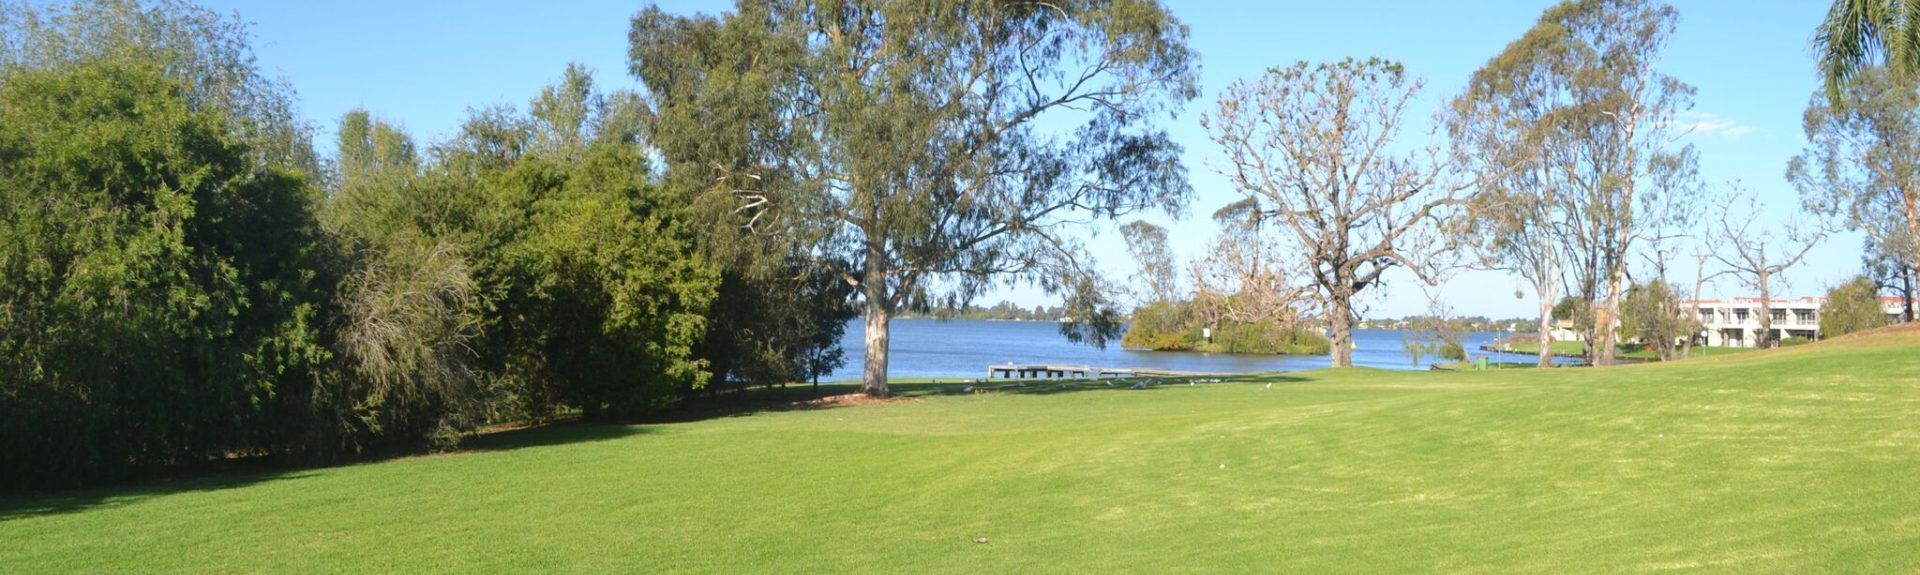 Cobram Barooga Golf Club, Cobram, AU